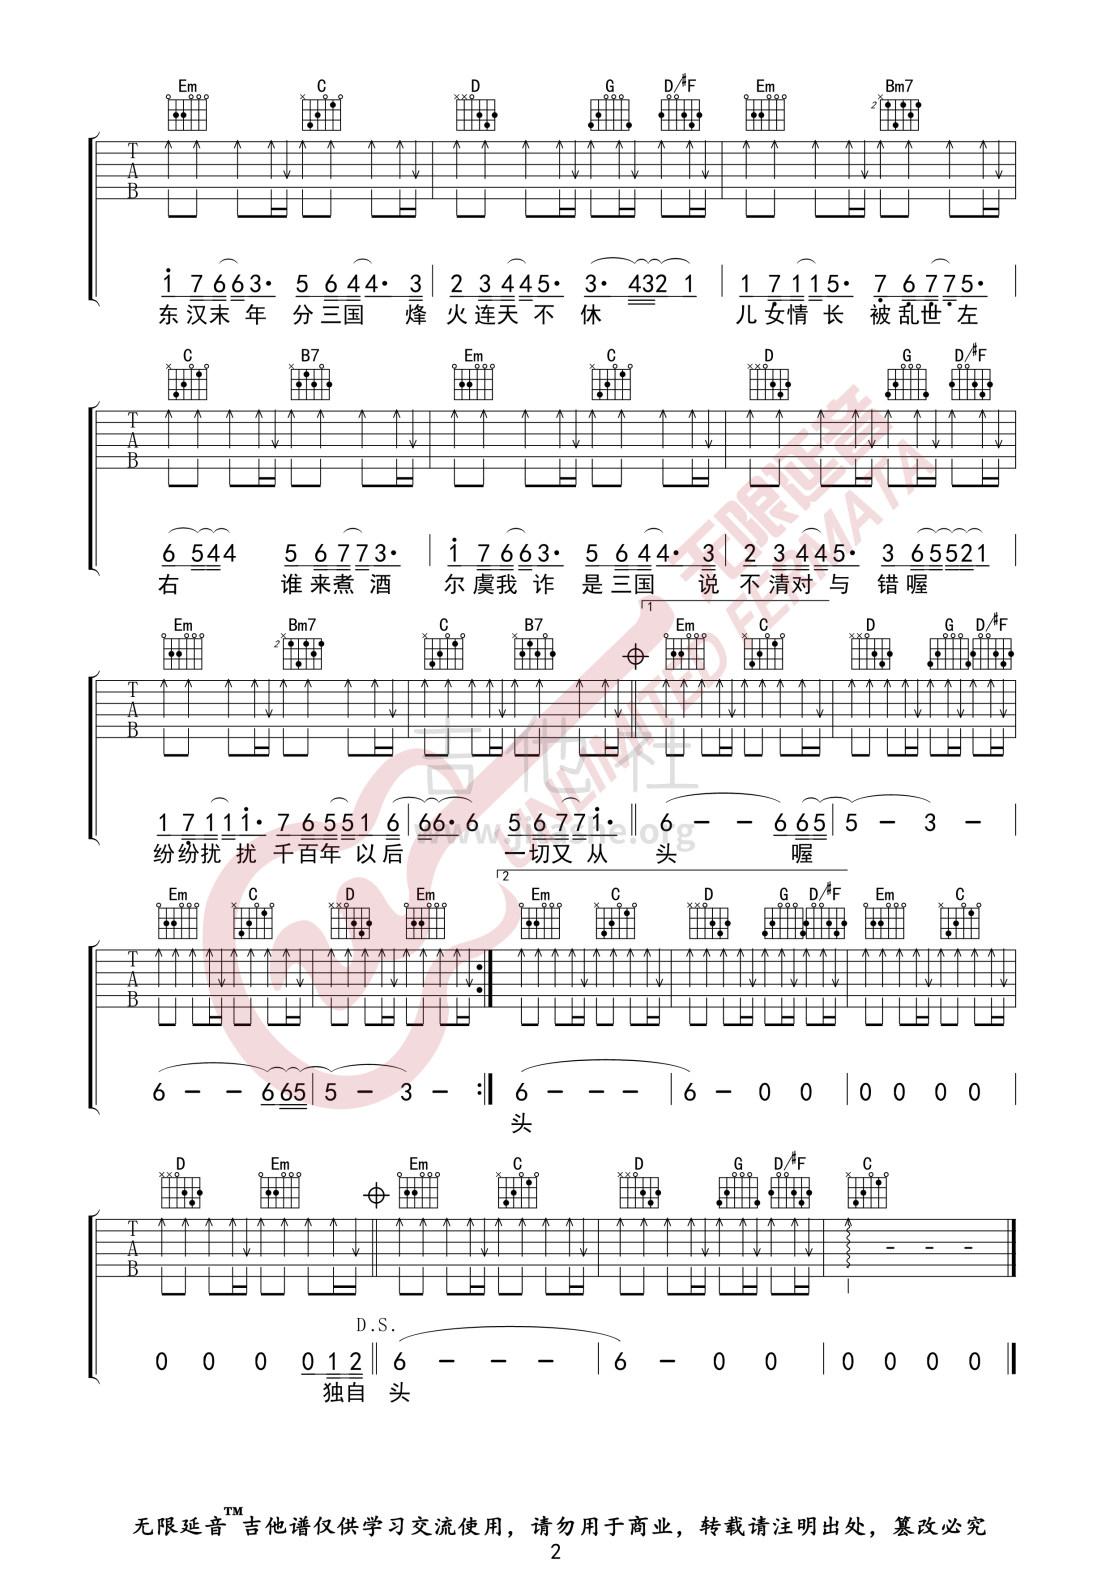 曹操 (无限延音编配)吉他谱(图片谱,林俊杰,曹操,吉他谱)_林俊杰(JJ)_曹操02.jpg